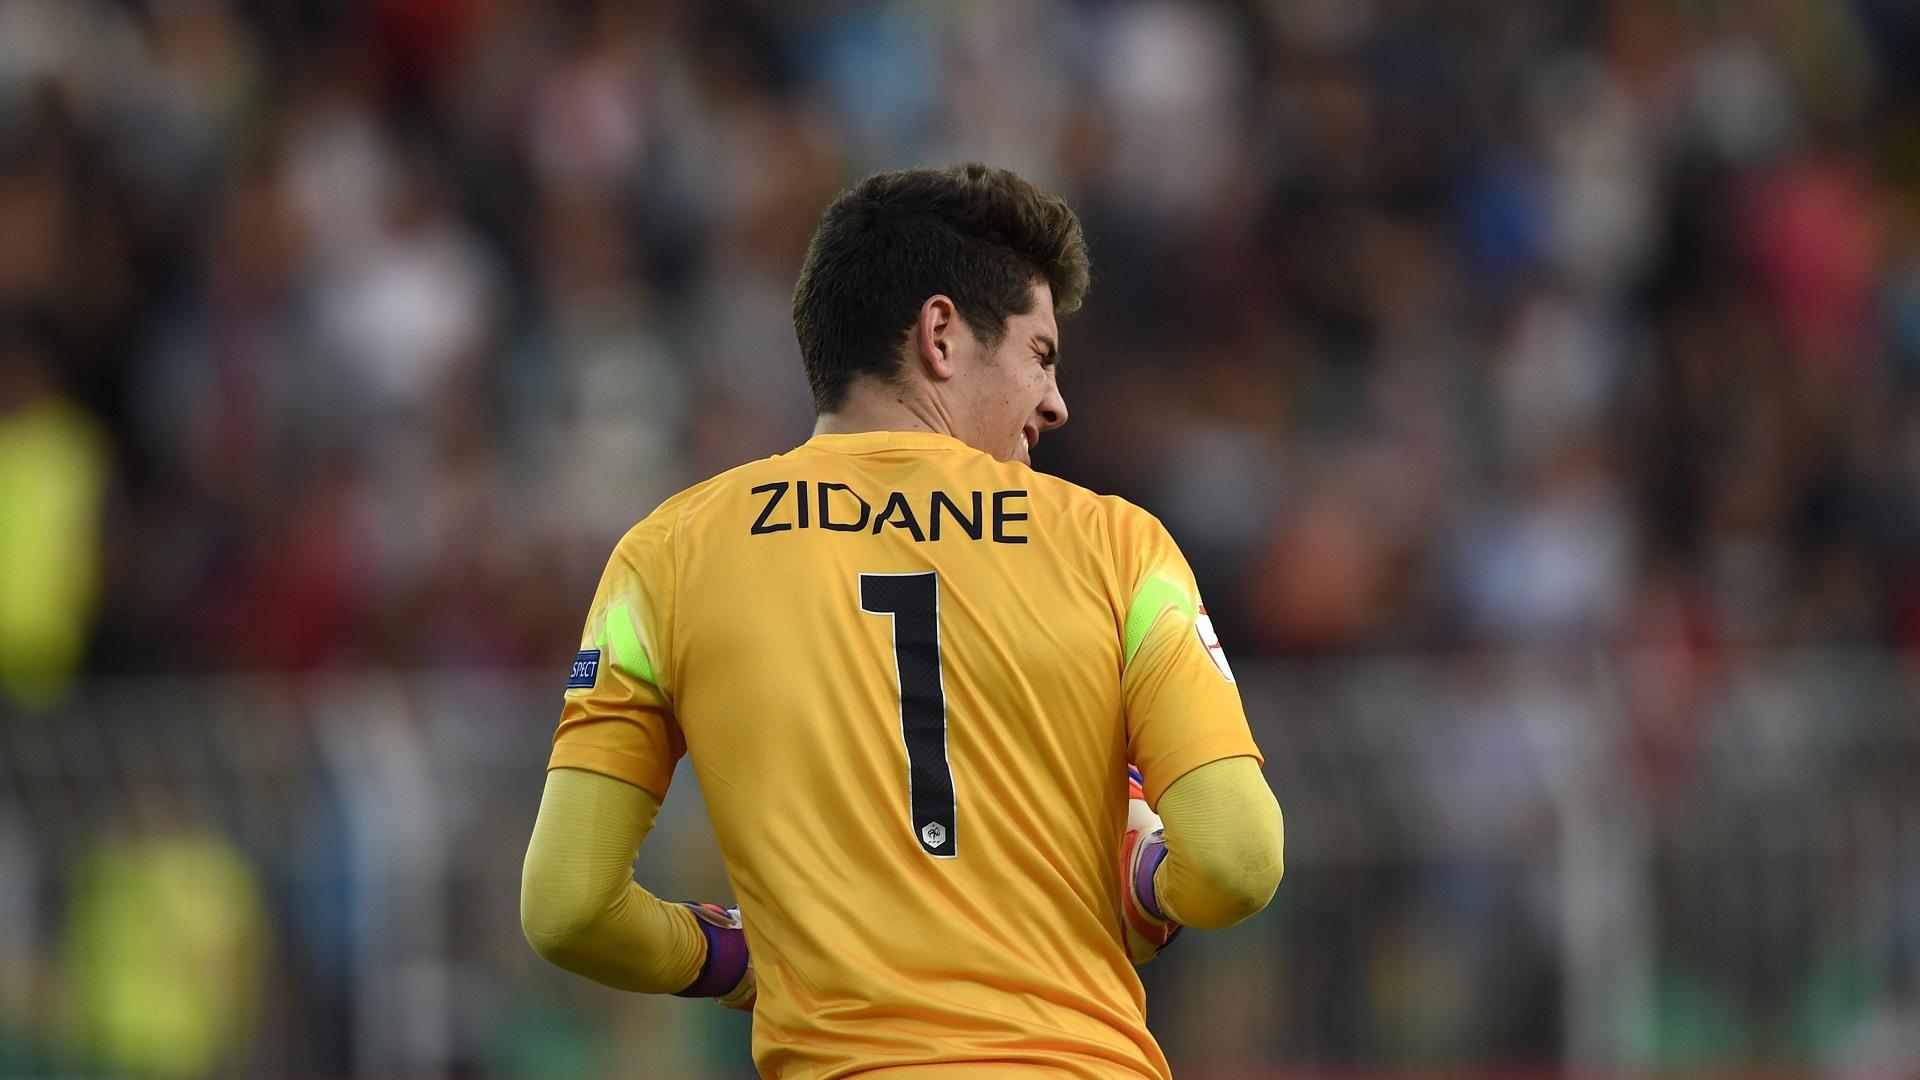 Zidane asegura que Cristiano jugará los 90 minutos ante la 'Fiore'